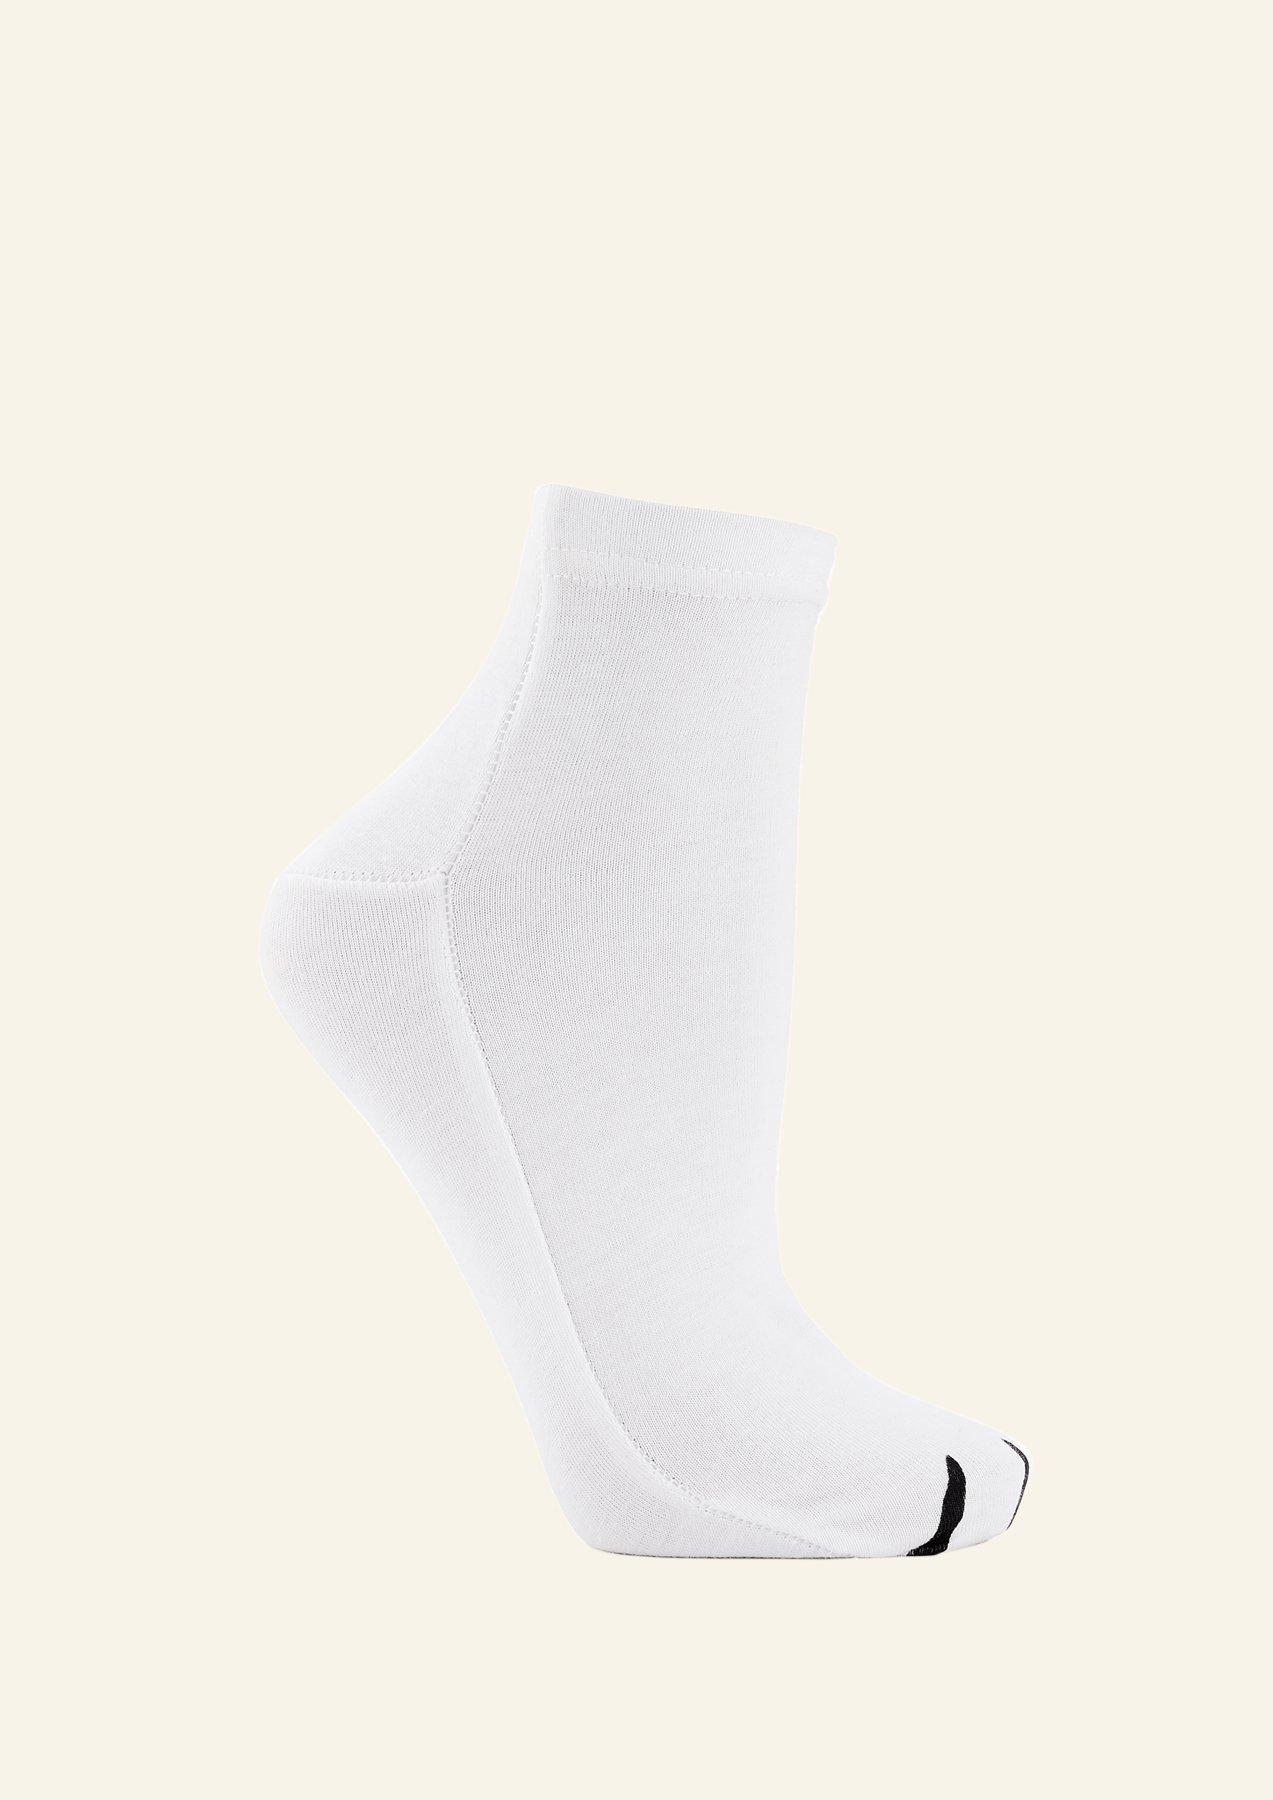 Çorape Hidratuese me Figurat e Putrave të Kafshëve